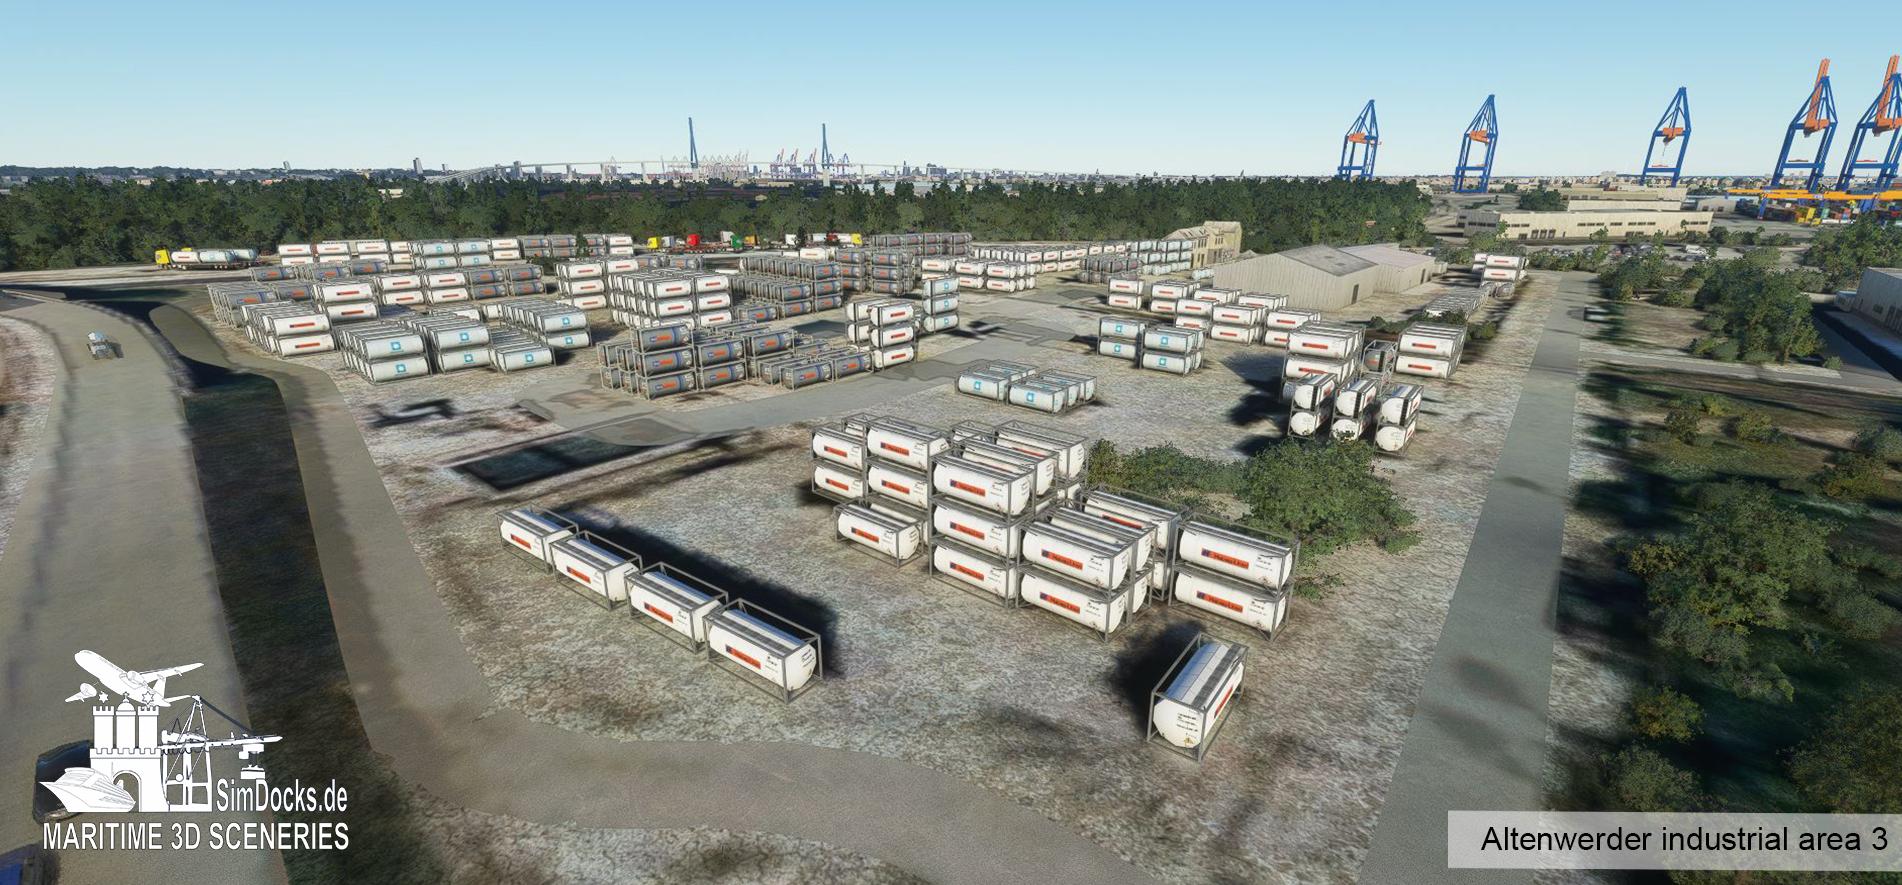 Bild31_Terminal_Altenwerder_Industrie3_Tag.JPG